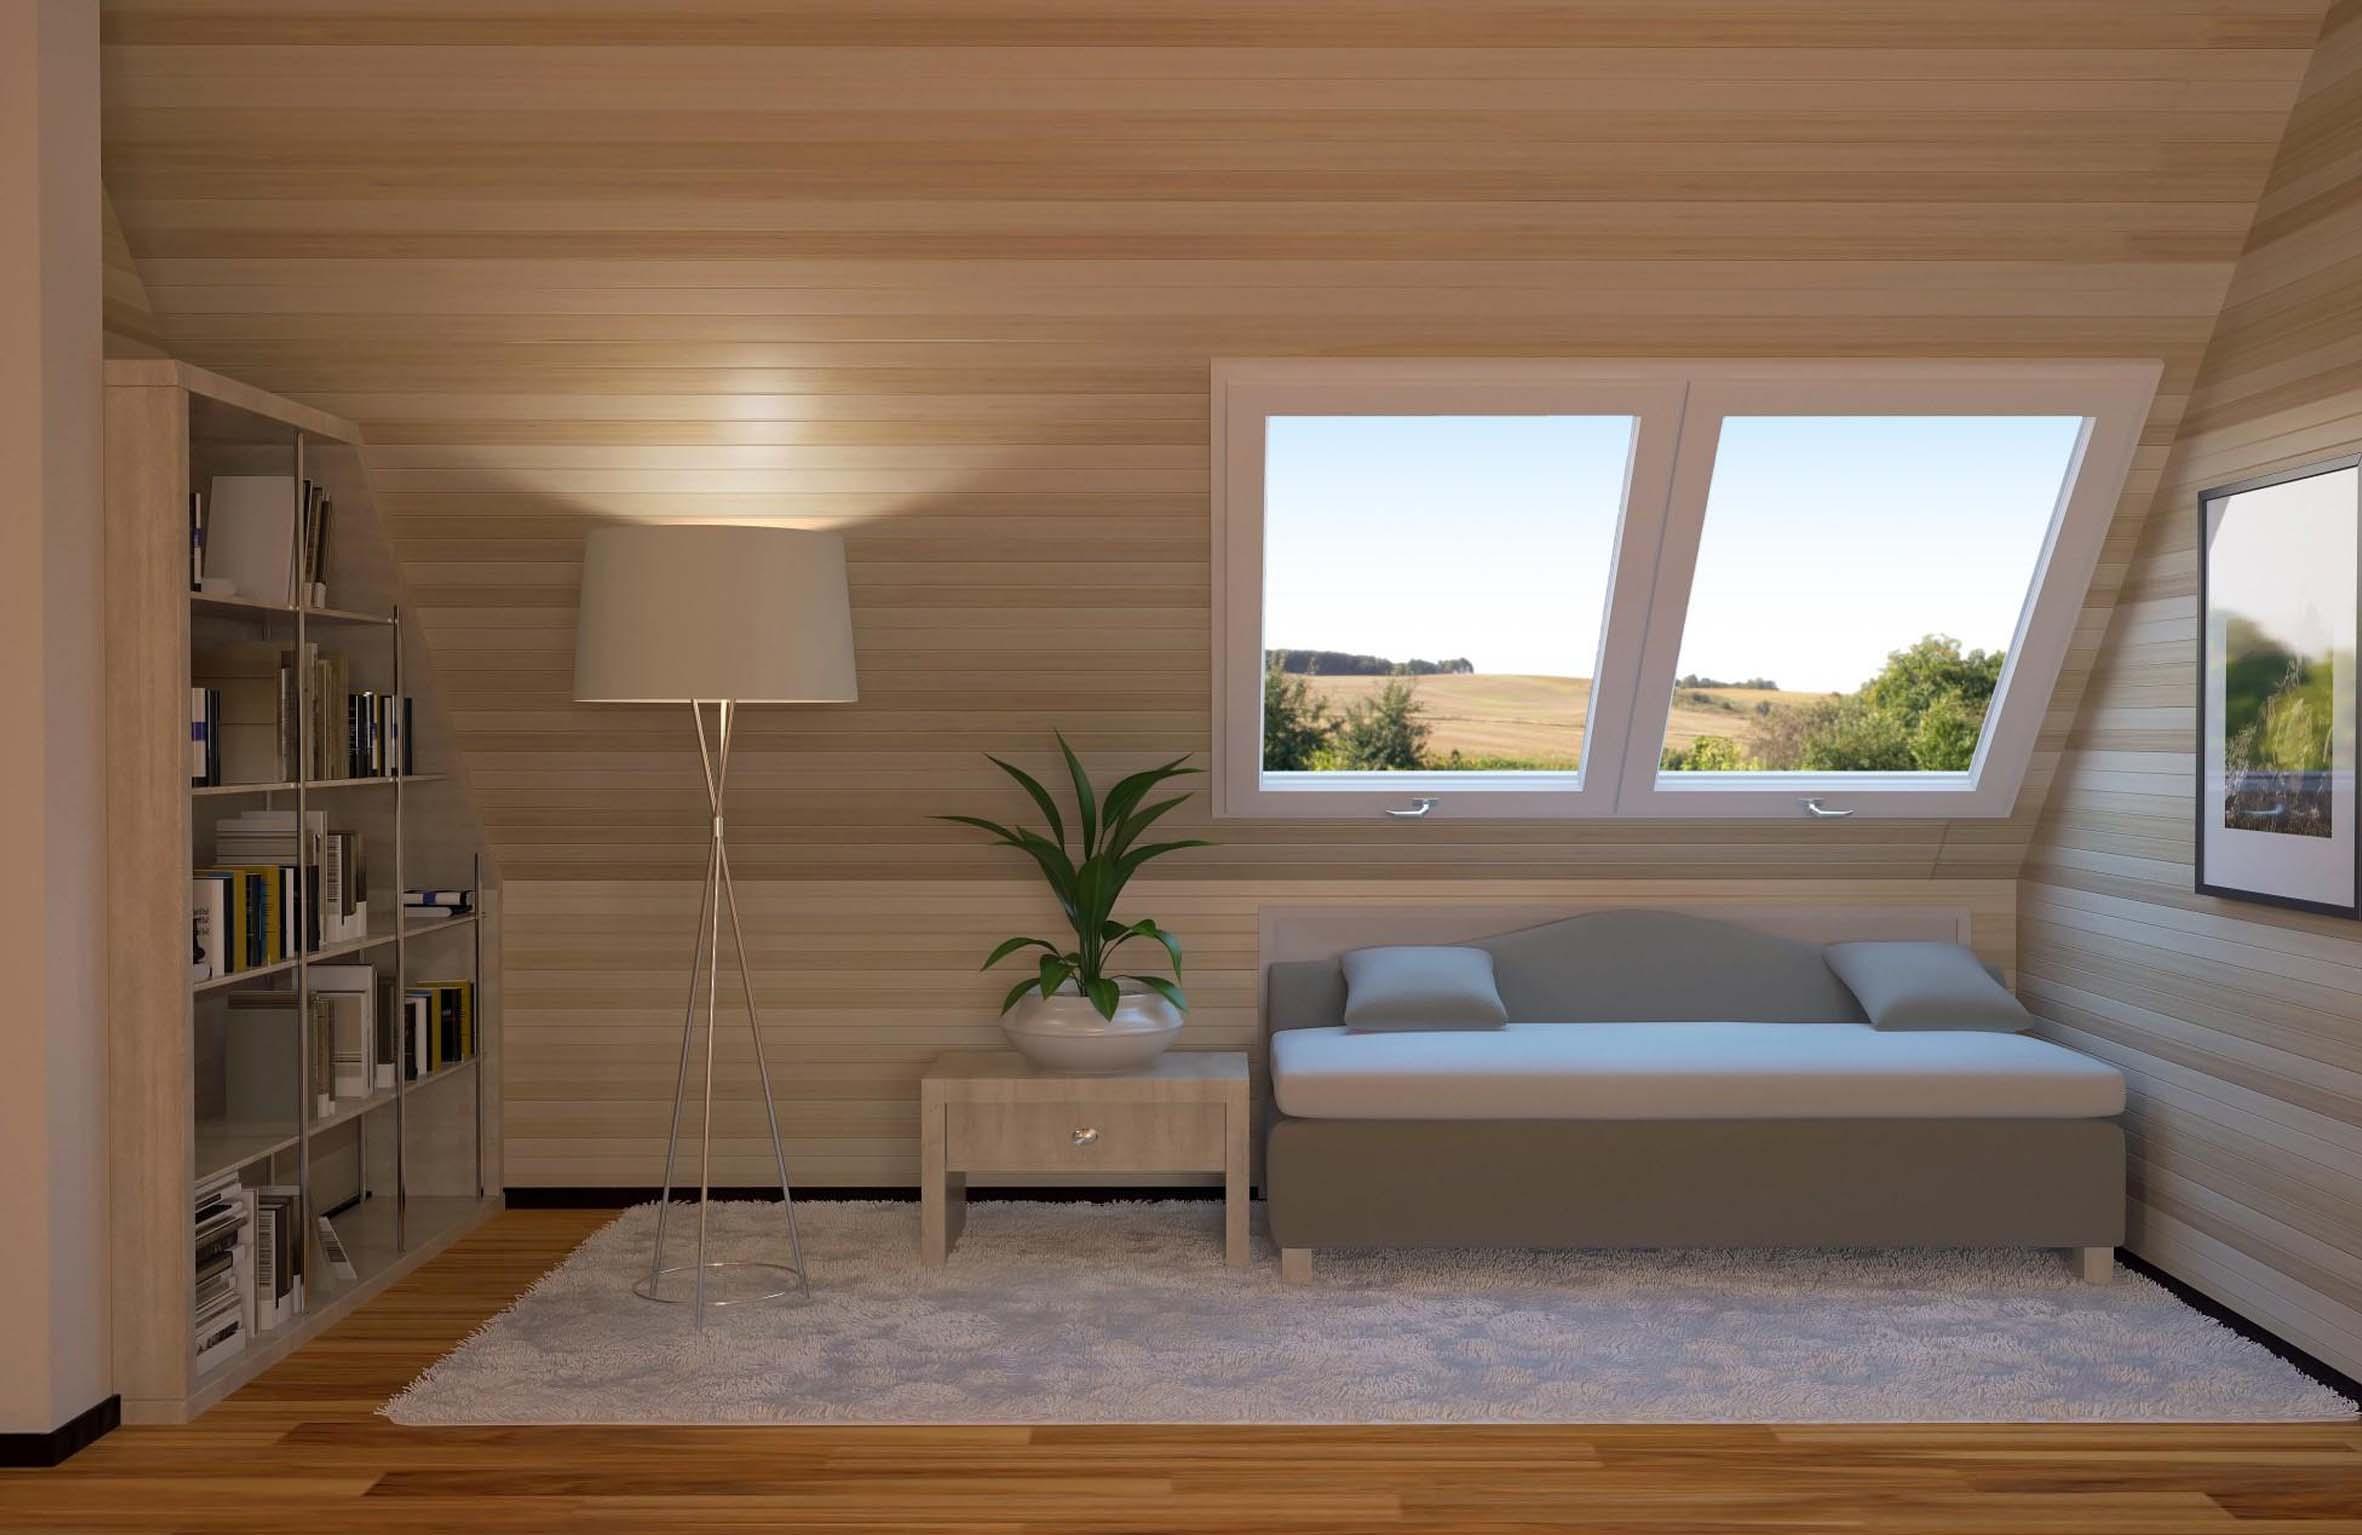 Casa moderna roma italy abitabilita e agibilita - Agibilita immobile ...